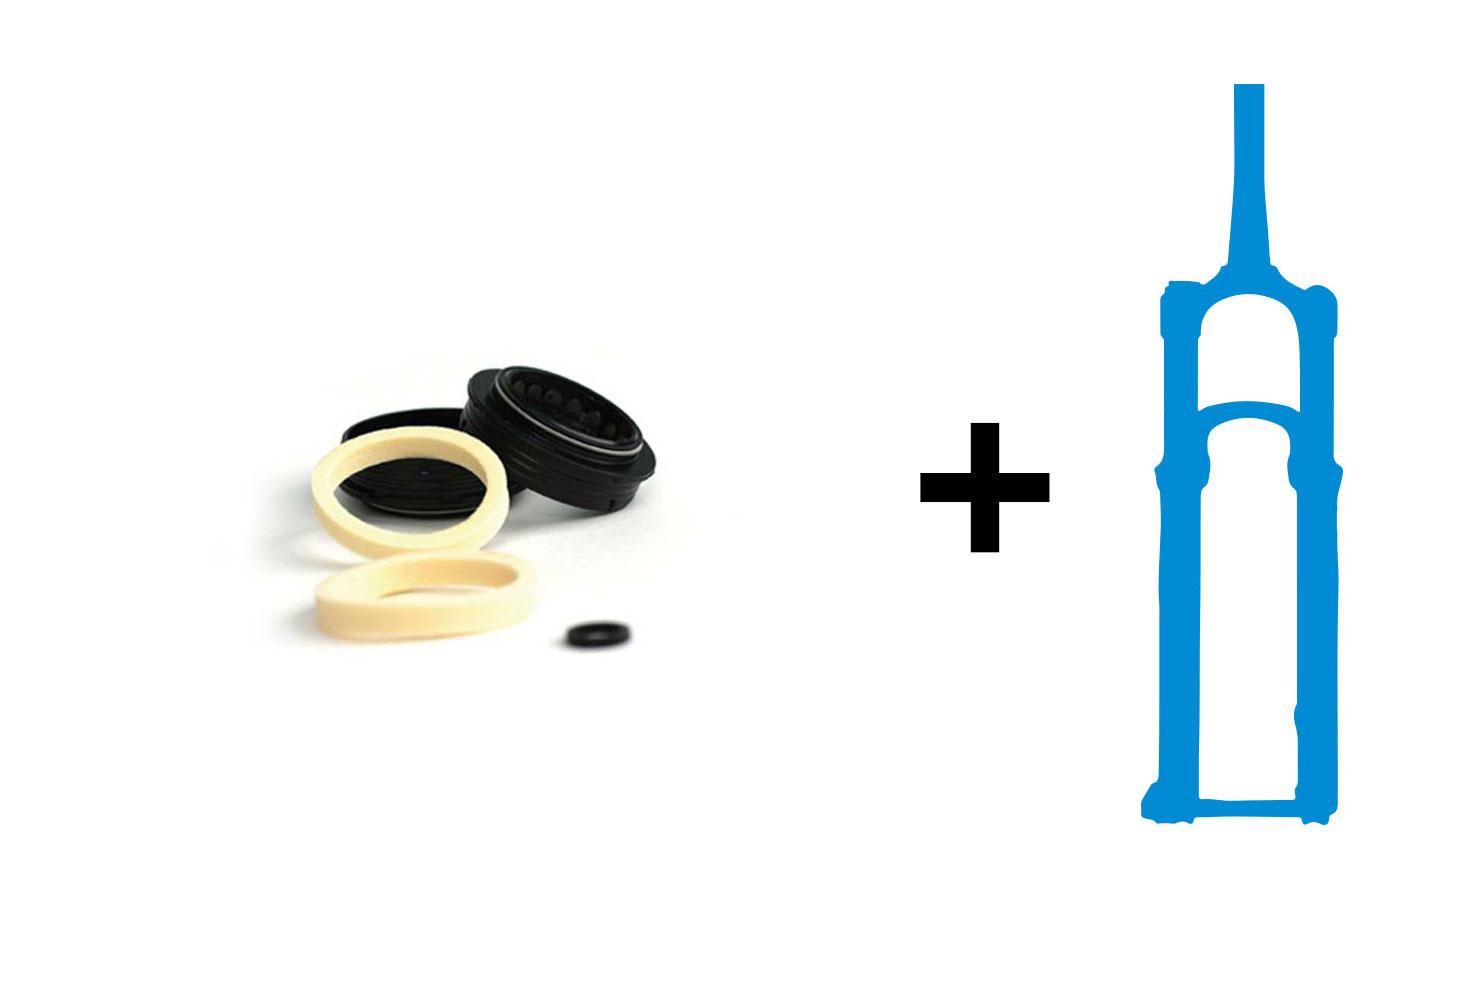 forfait r vision fourche kit joints fox 40 mm livraison domicile. Black Bedroom Furniture Sets. Home Design Ideas